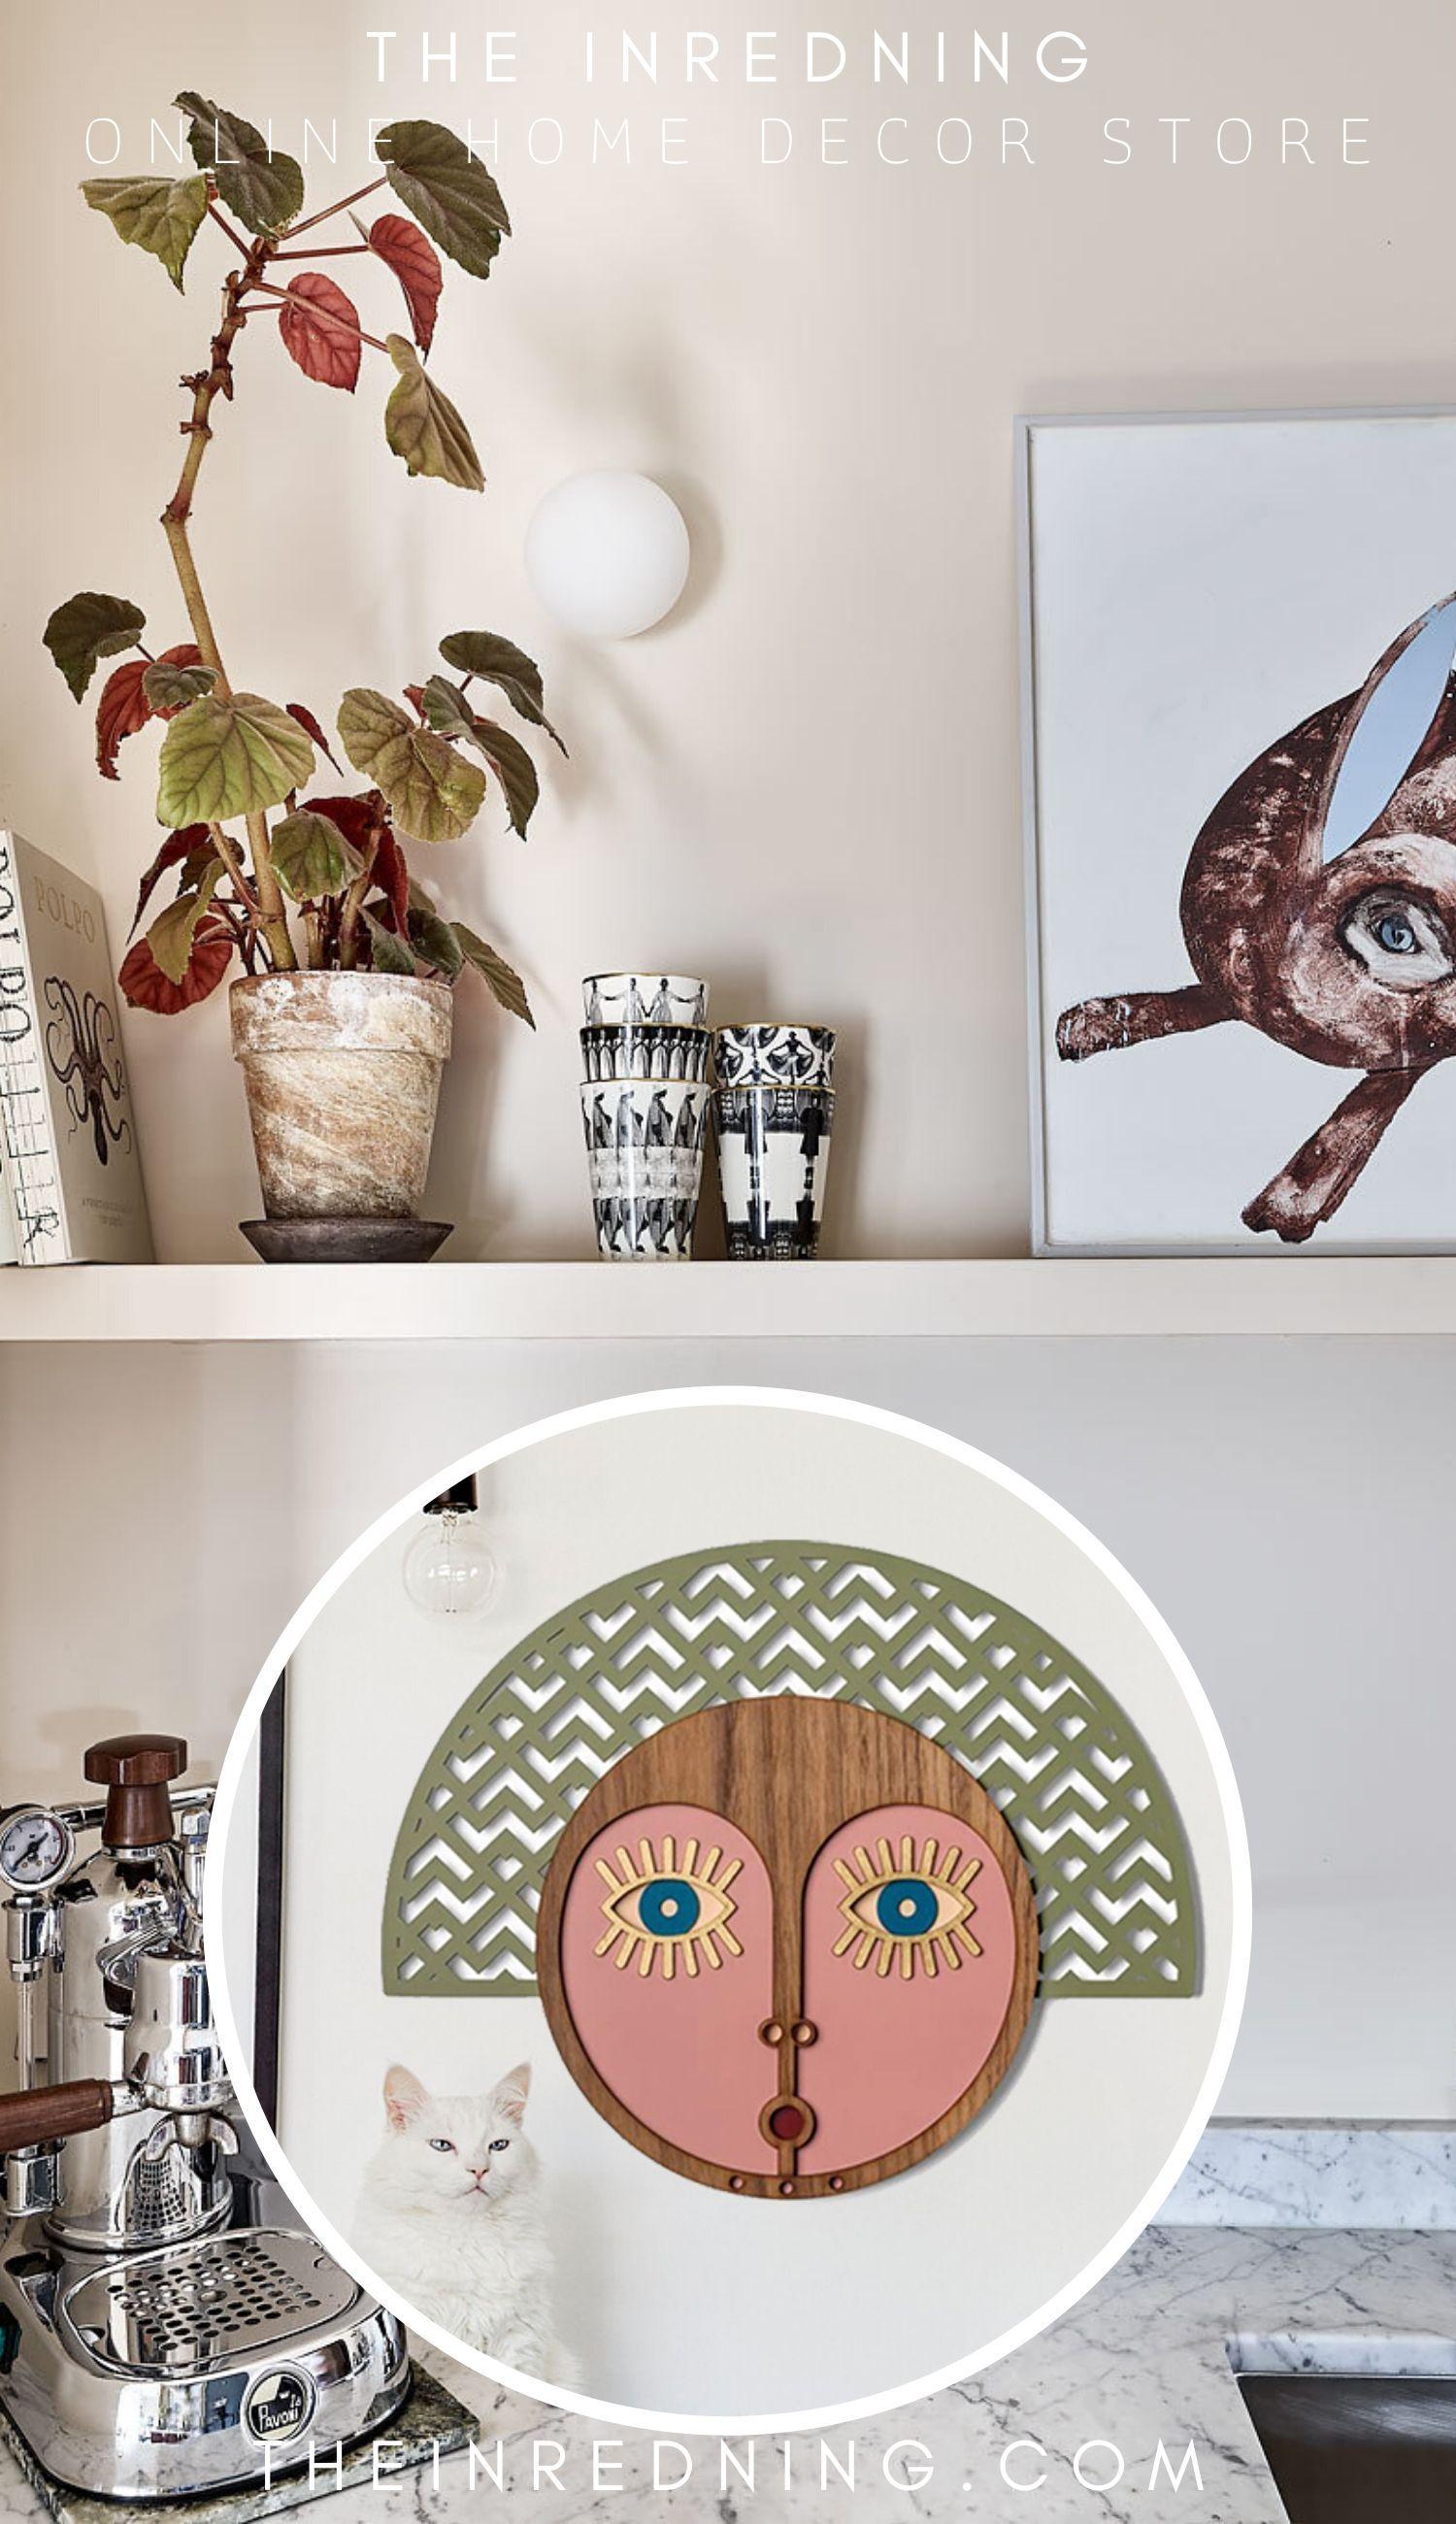 Photo of Väggdekoration Trä med Snidat & Målning till Skulptur Ansikte Inredning